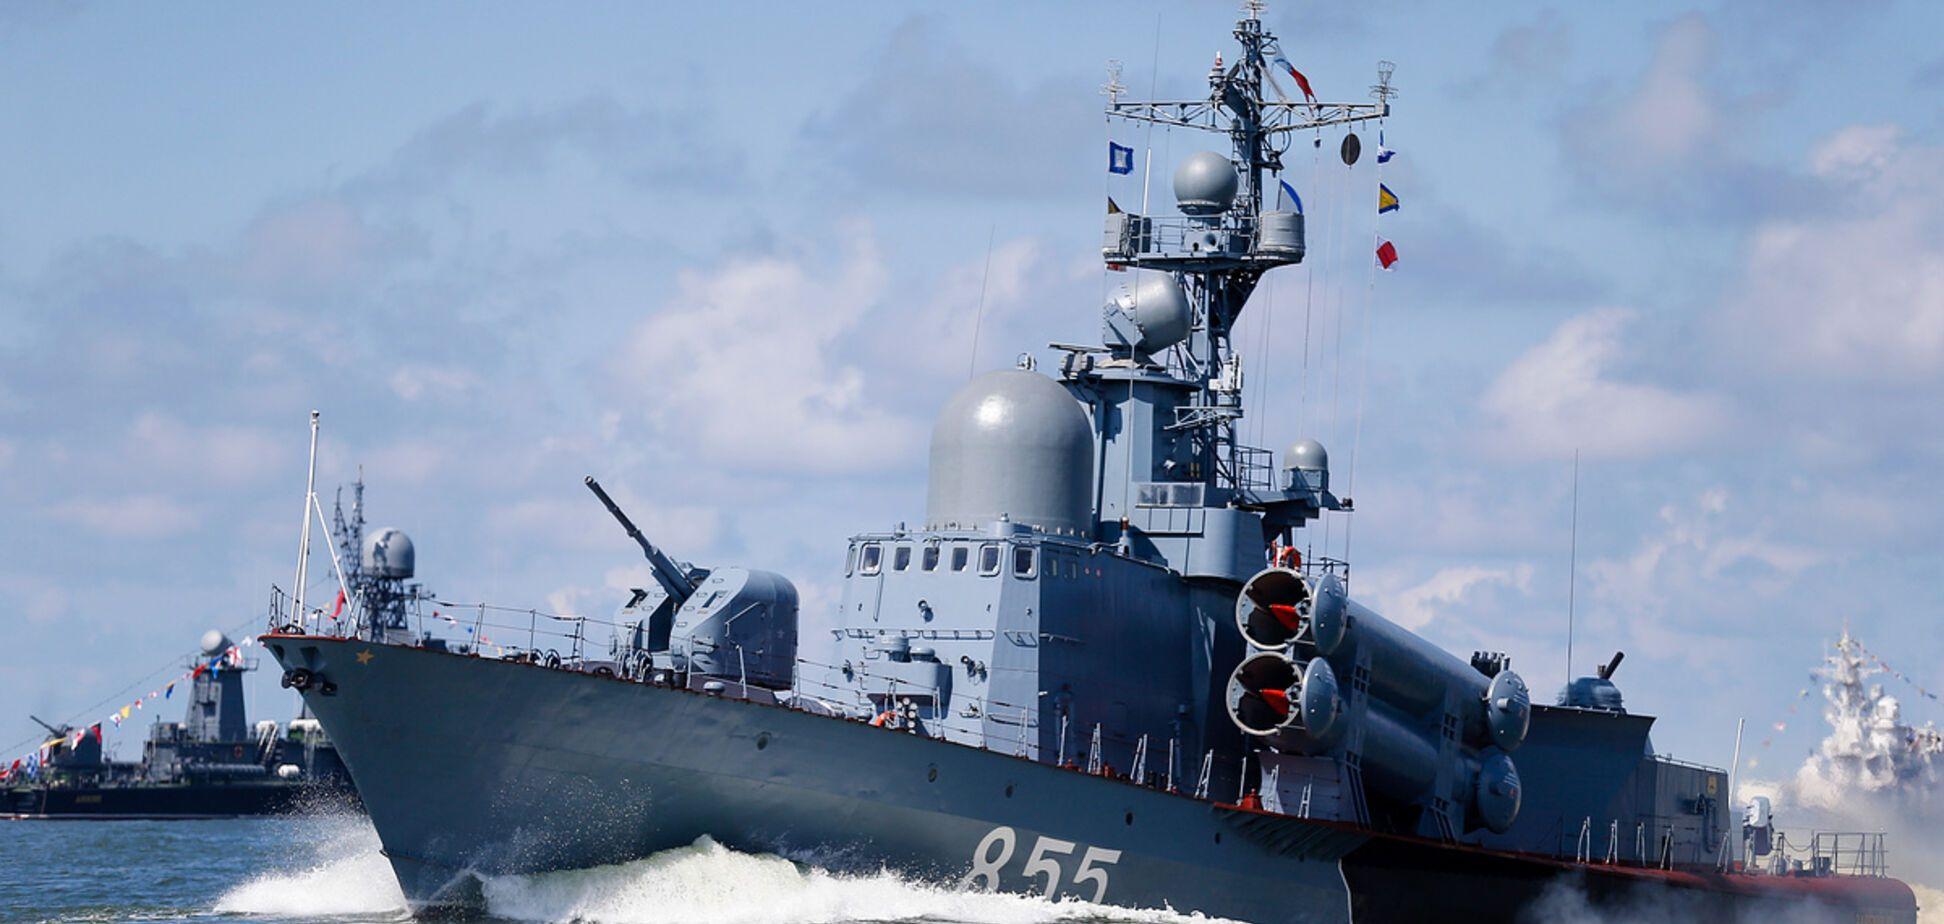 Проверки и военные катера. Россия решила 'откусить' у Украины и Азовское море